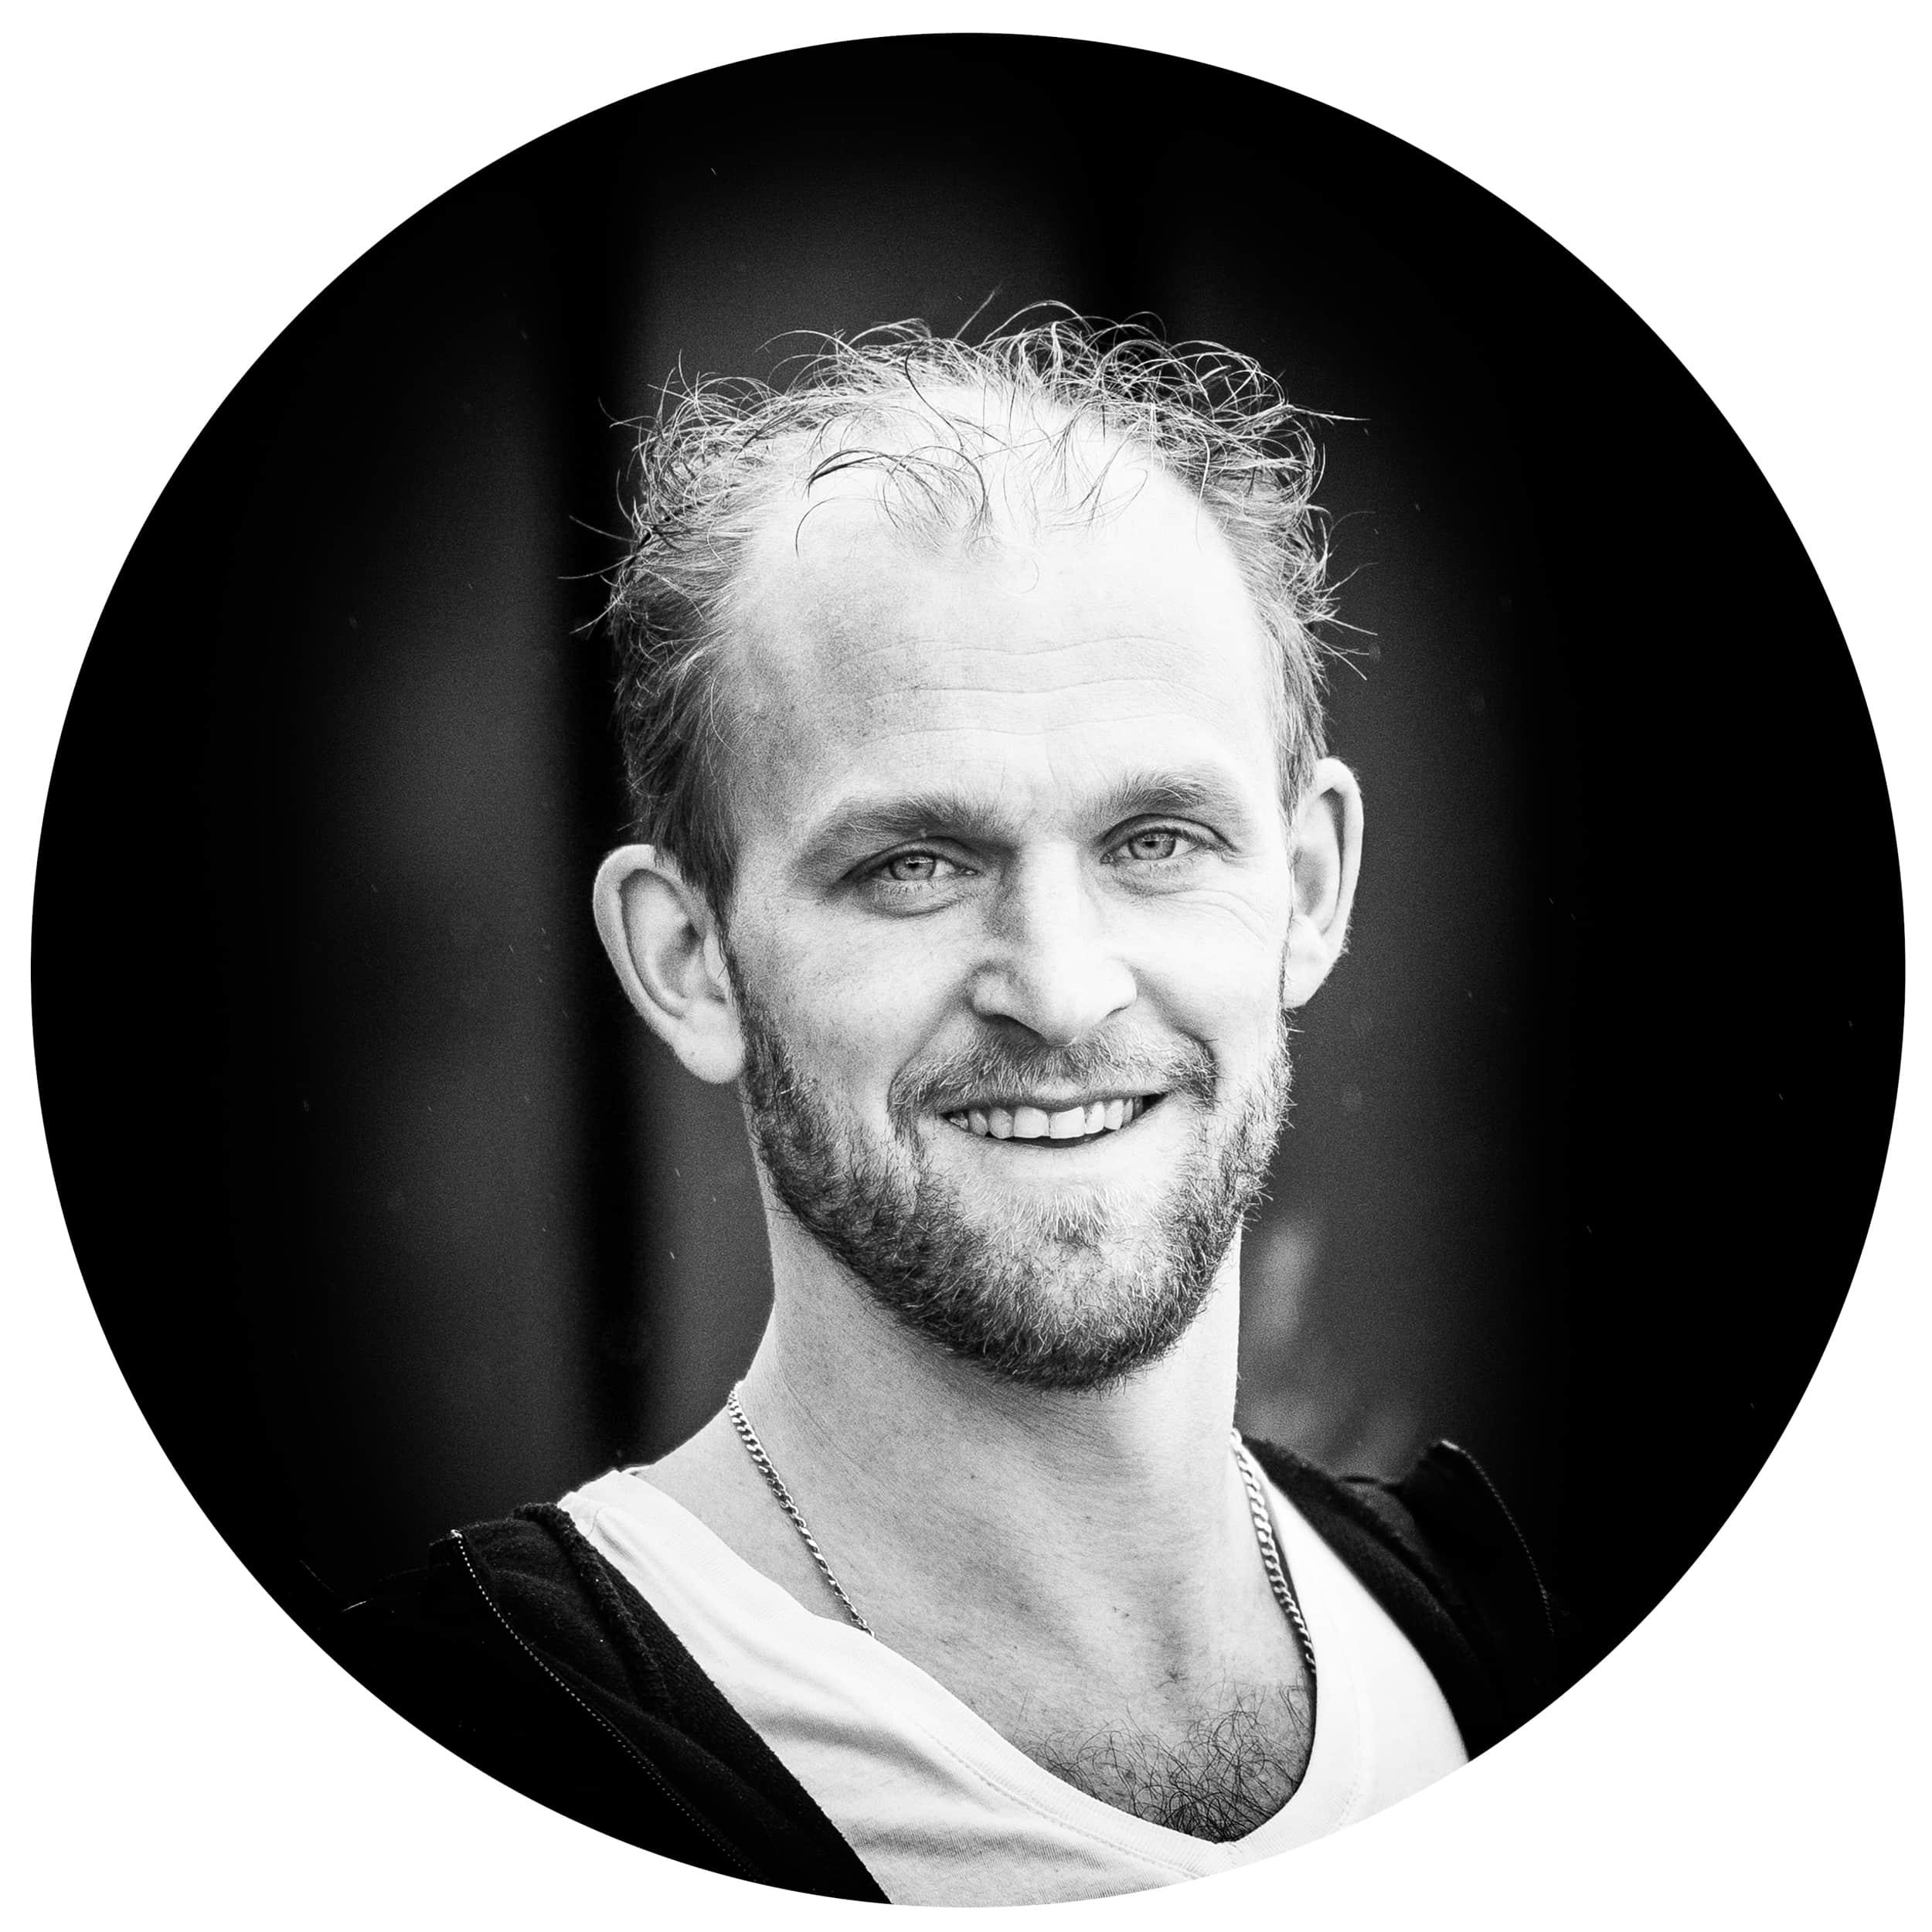 Pieter Meerten Reinders-min